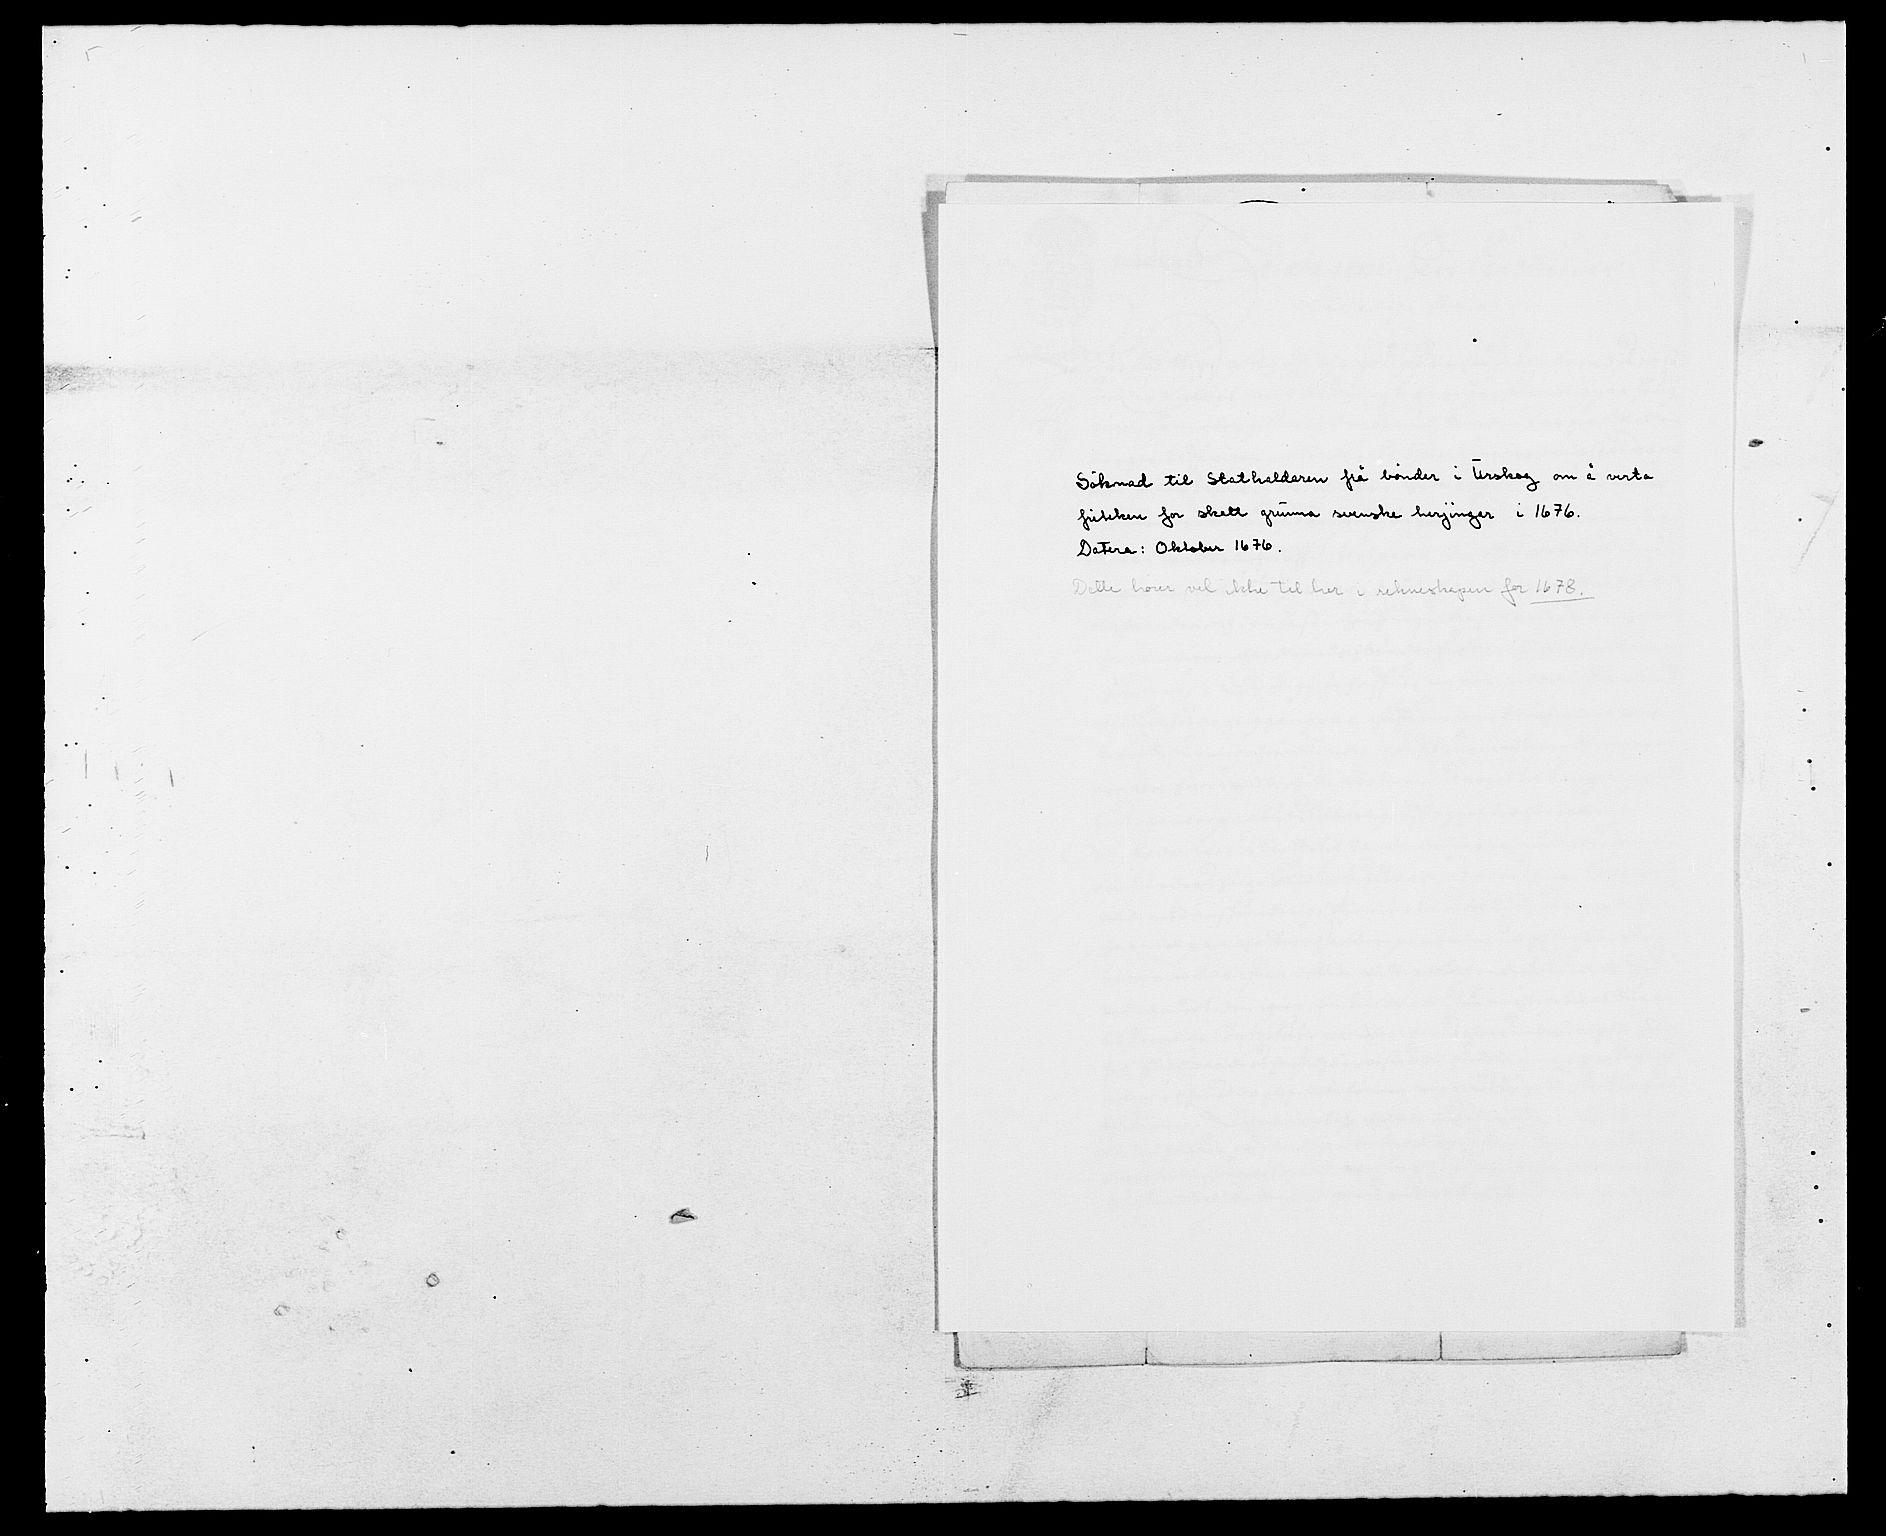 RA, Rentekammeret inntil 1814, Reviderte regnskaper, Fogderegnskap, R11/L0568: Fogderegnskap Nedre Romerike, 1679, s. 280